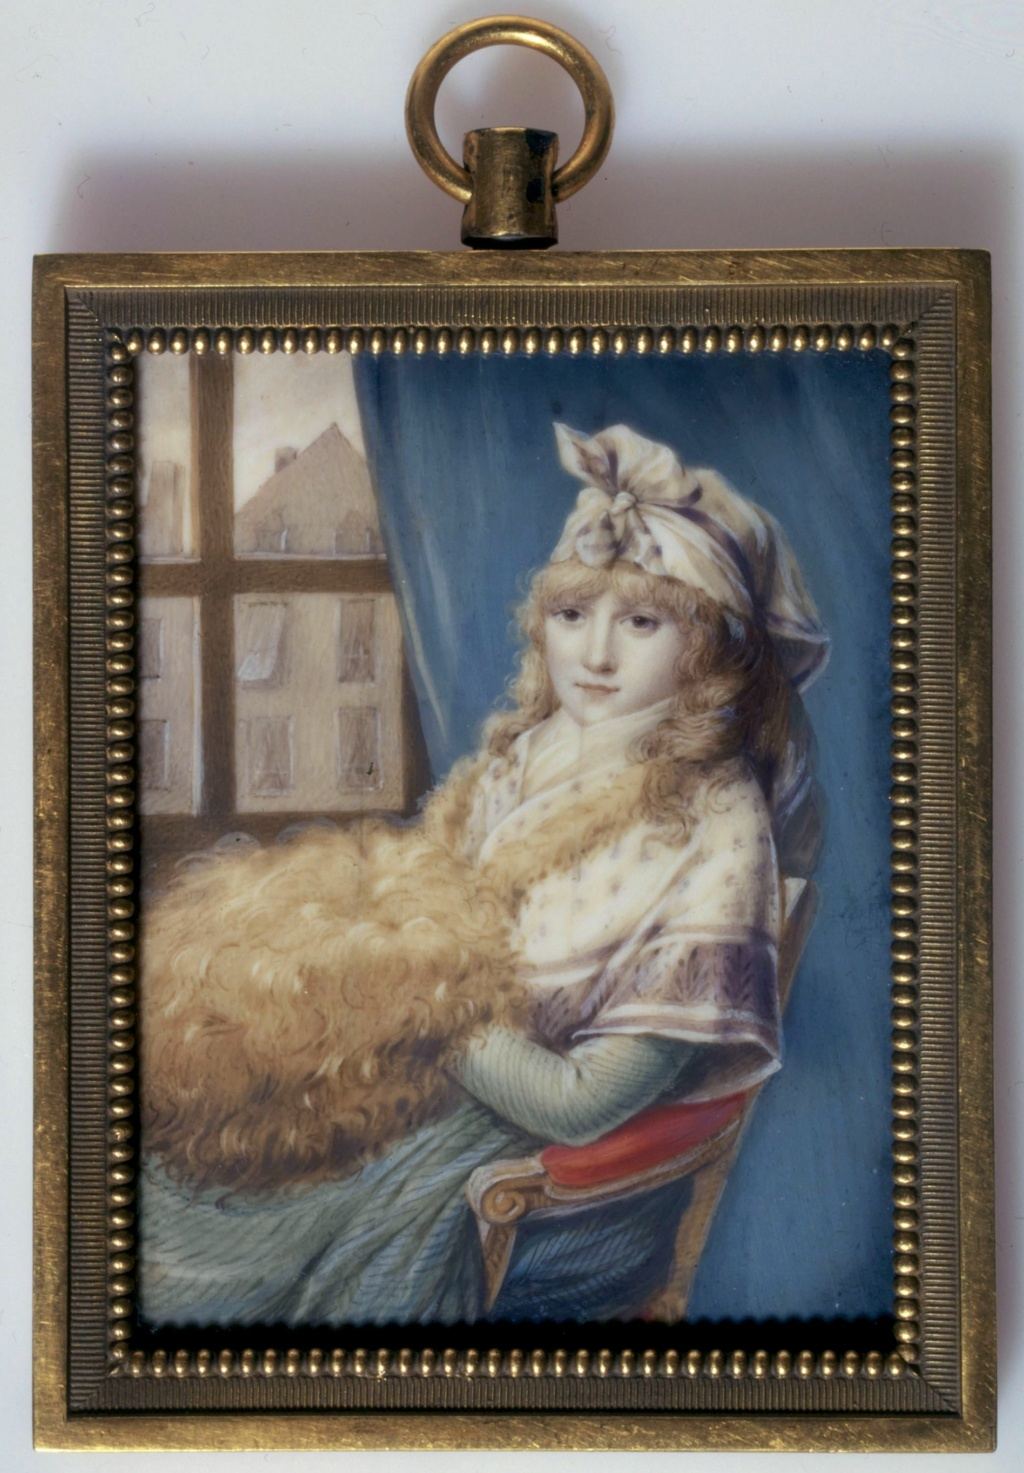 Galerie de portraits : Le manchon au XVIIIe siècle  - Page 3 Image_59